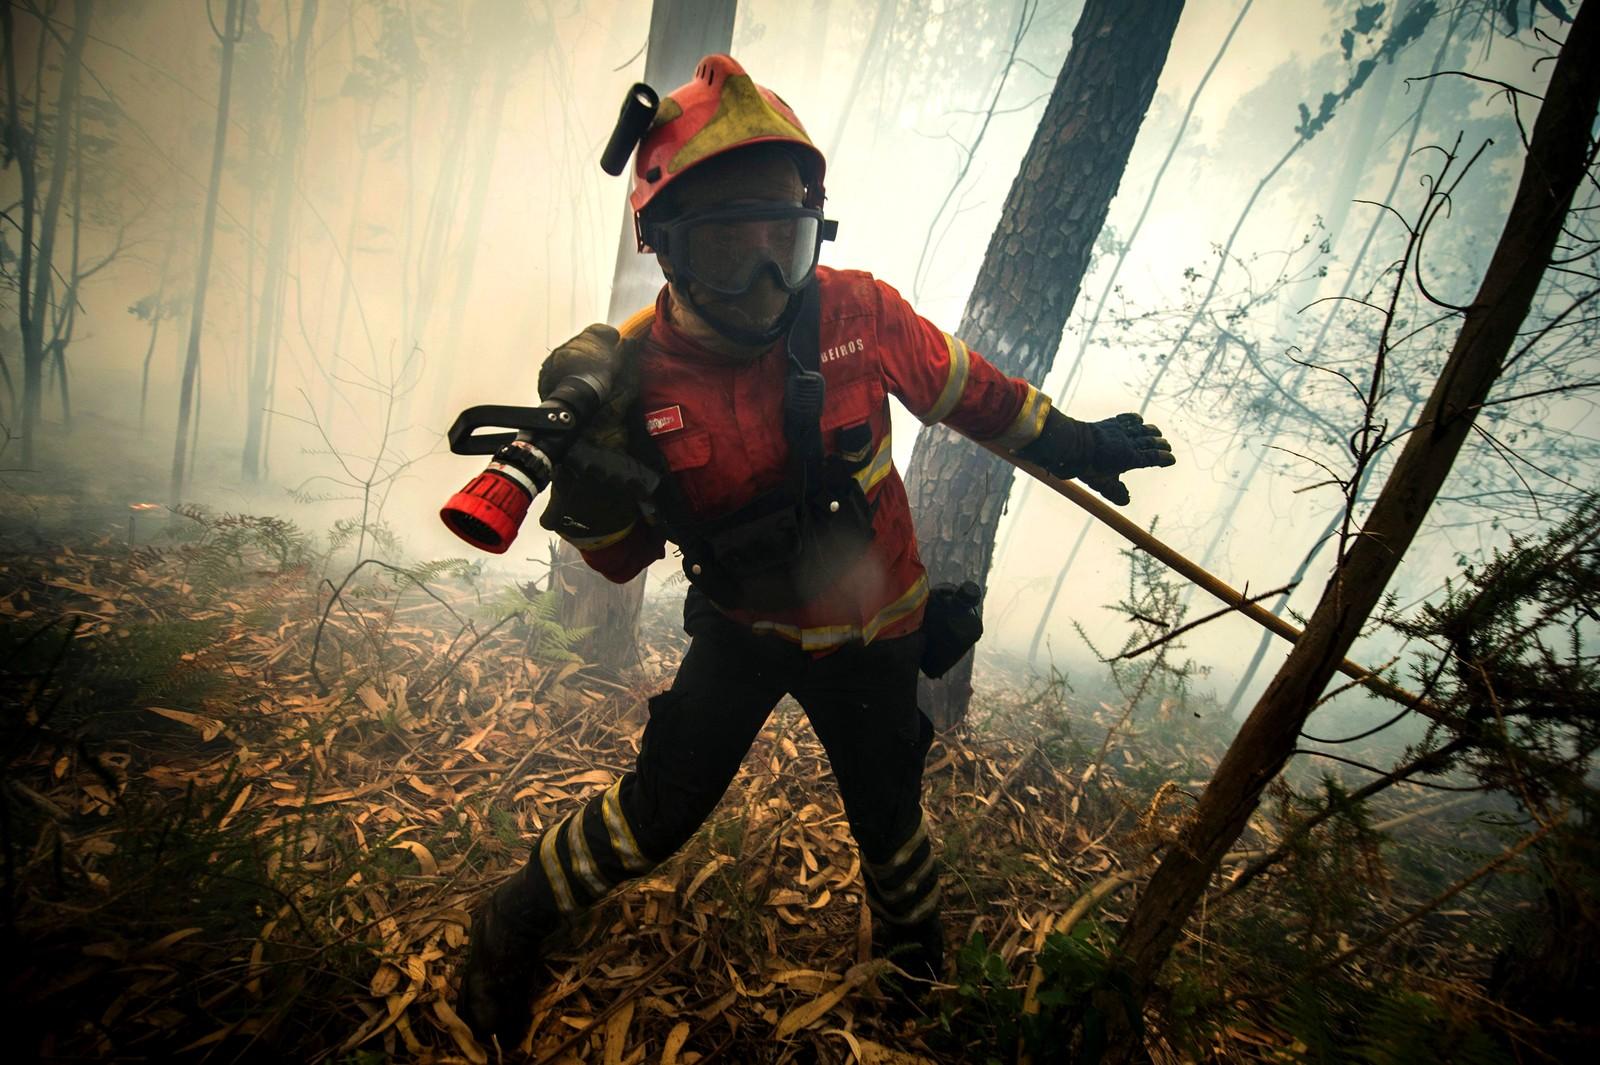 """En brannmann sloss mot naturen og flammene i Bustelo nord i Portugal. Meteorologer advarte om at det var """"veldig stor til maksimum"""" skogbrannfare i hele den nordlige delen av landet. Skogbrannene begynte fredag og økte i styrke hele tiden. Den 8. august kjempet mer enn 3.000 brannfolk mot 160 branner."""